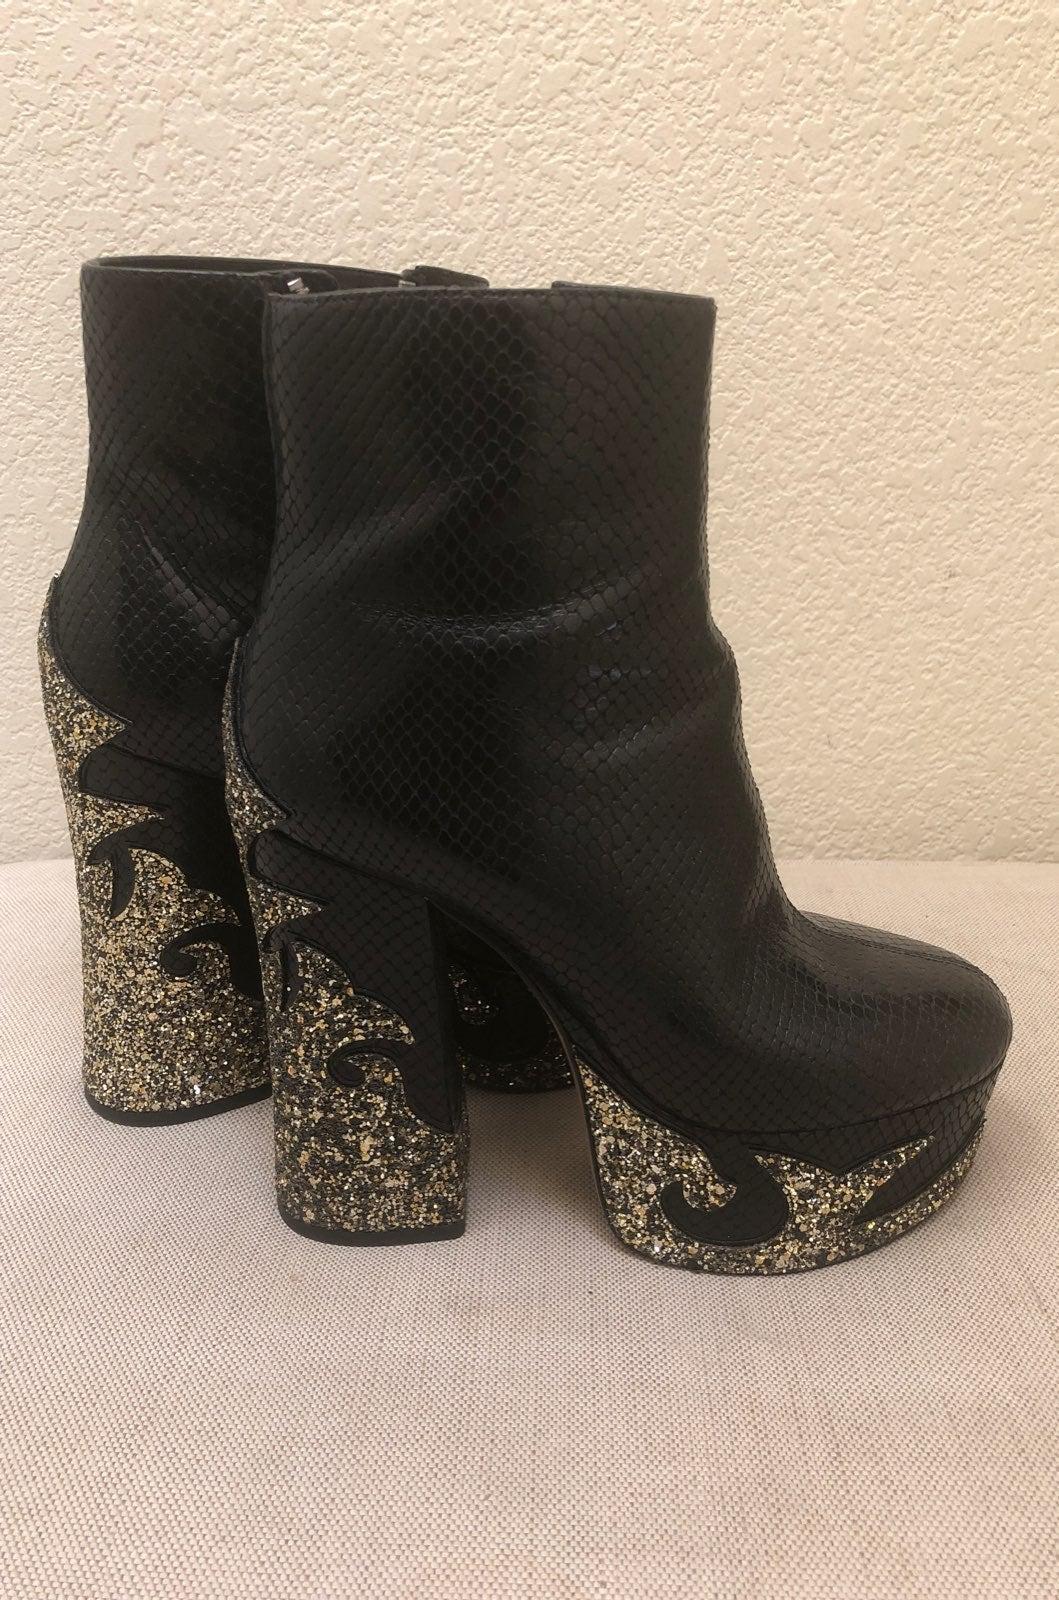 Marc Jacobs (Platform) Sparkle Boot